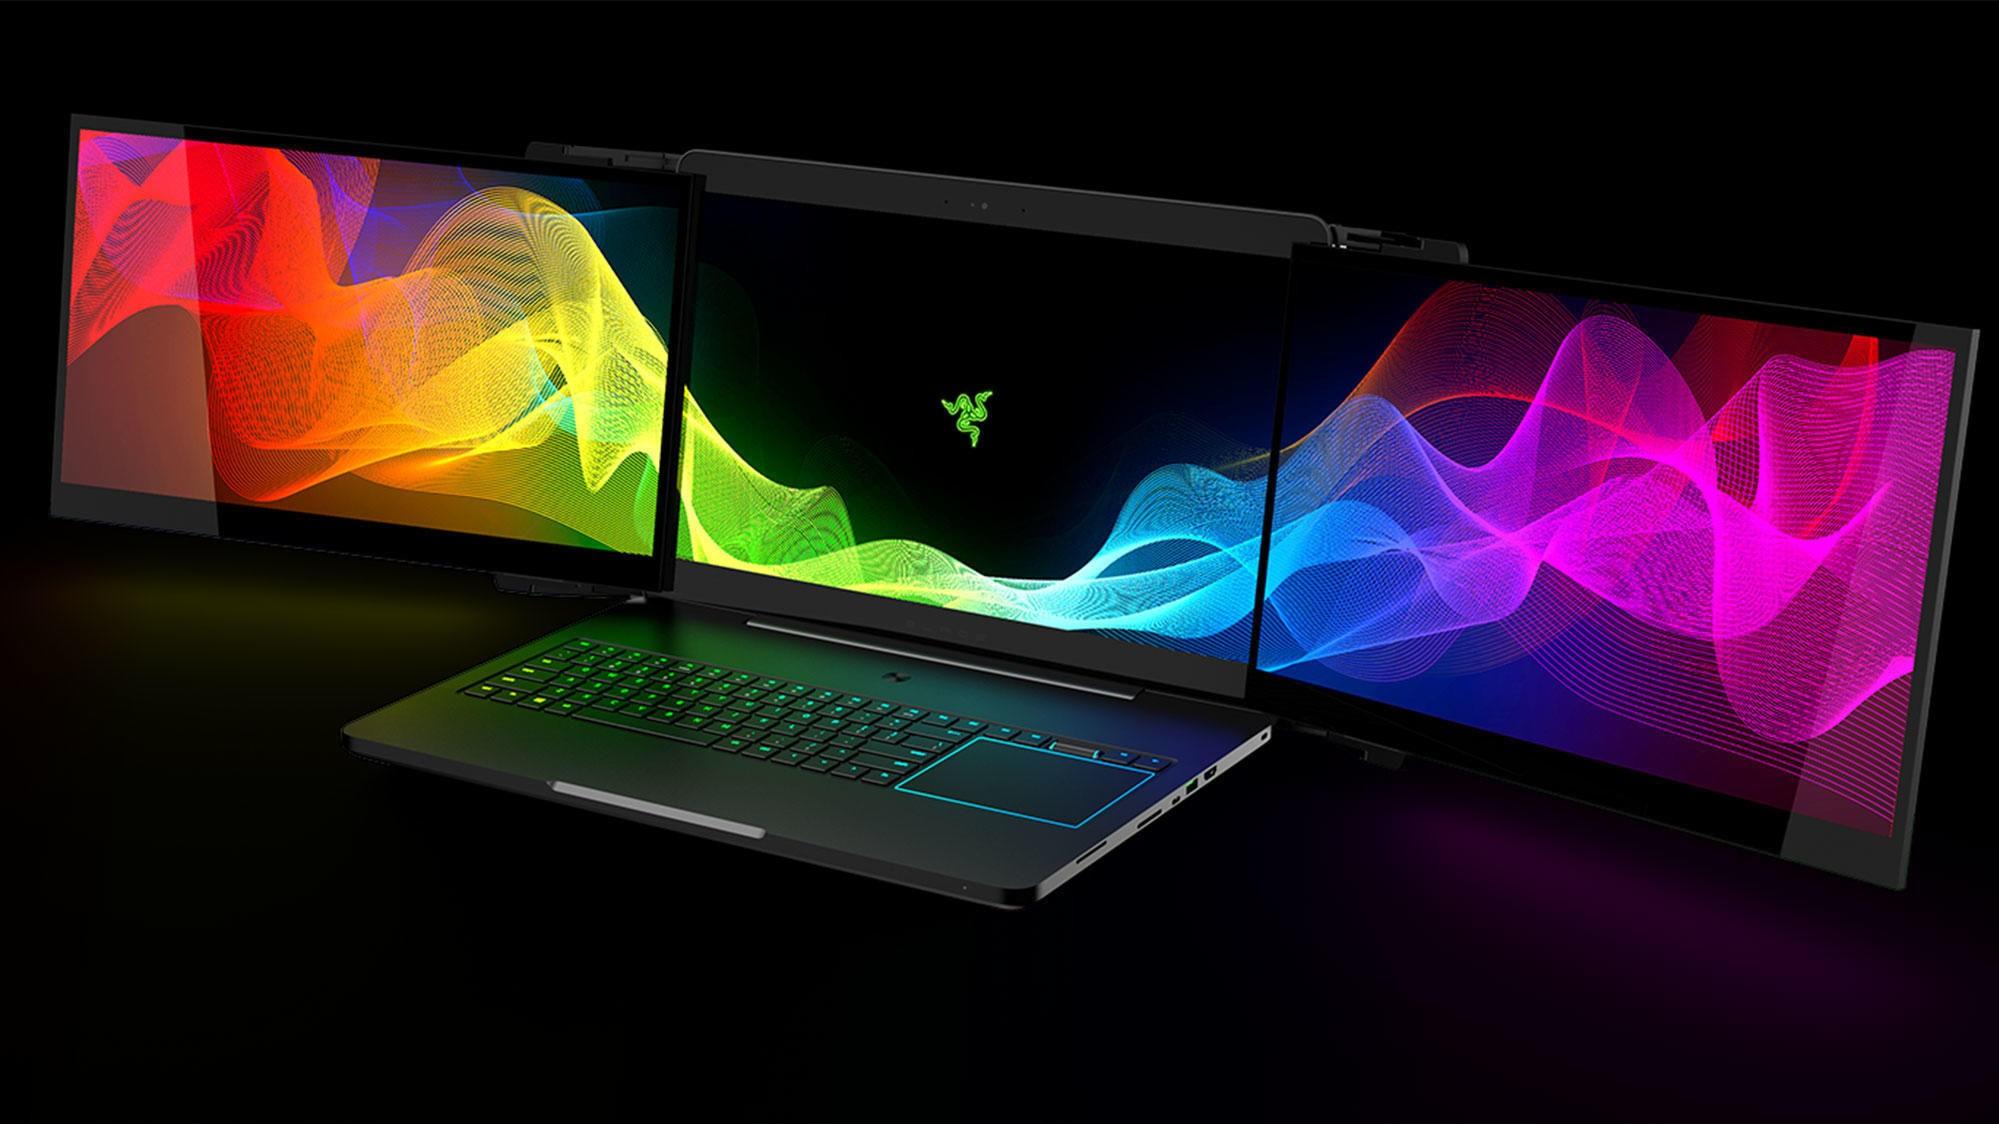 Razr har designet en bærbar PC med tre 17